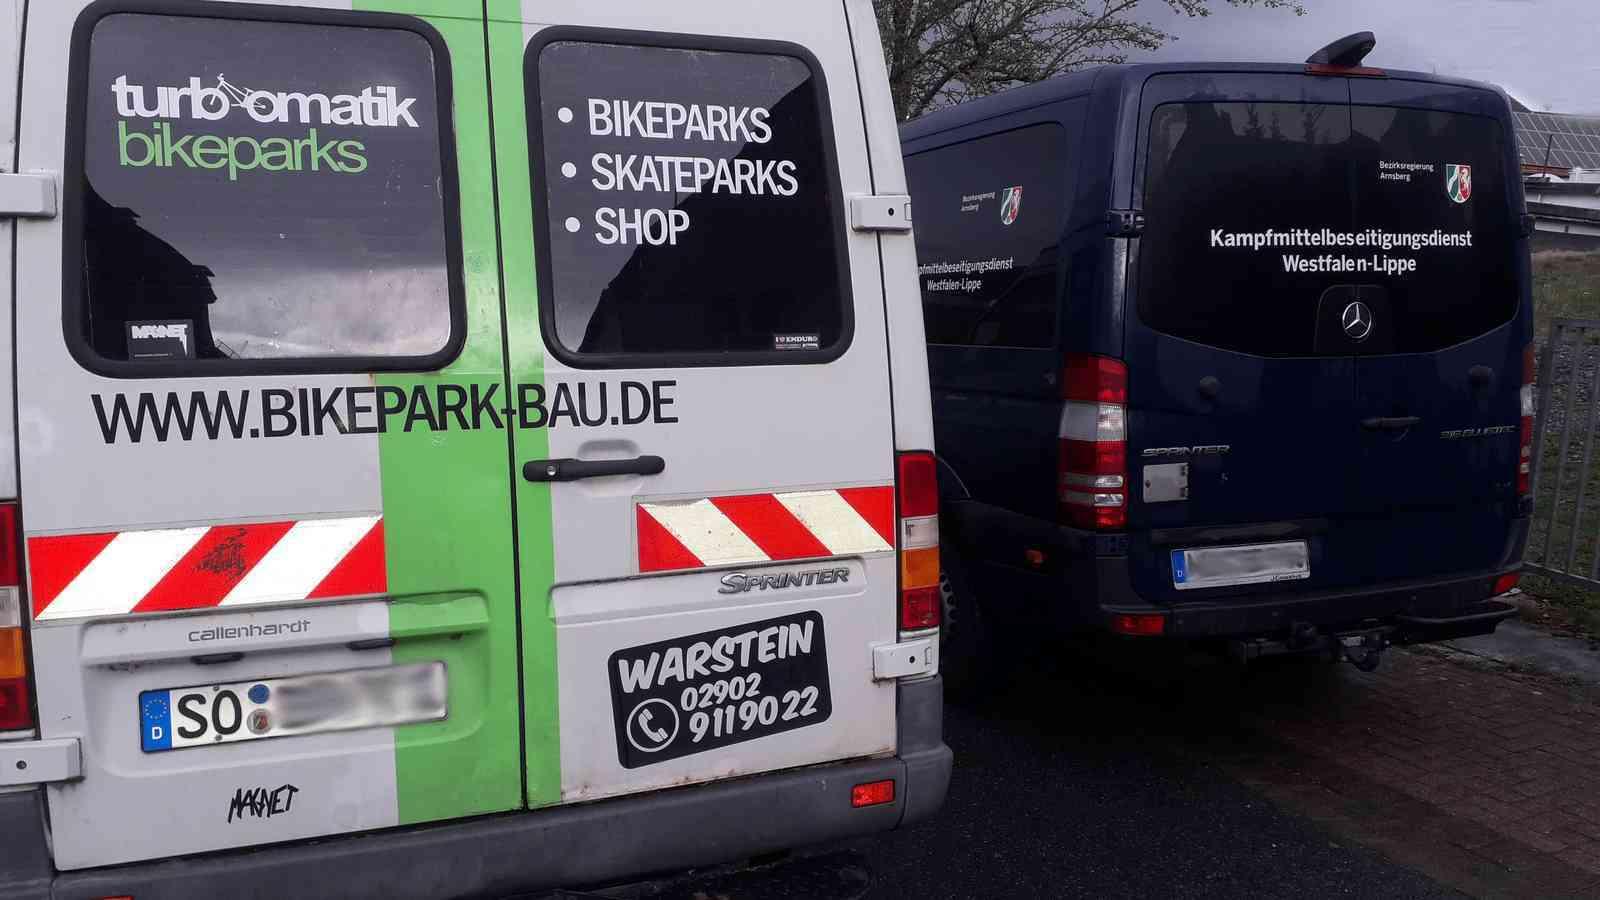 Bomben-Bikepark-Stimmung bei Turbomatik! Kampfmittelräumdienst übernimmt!